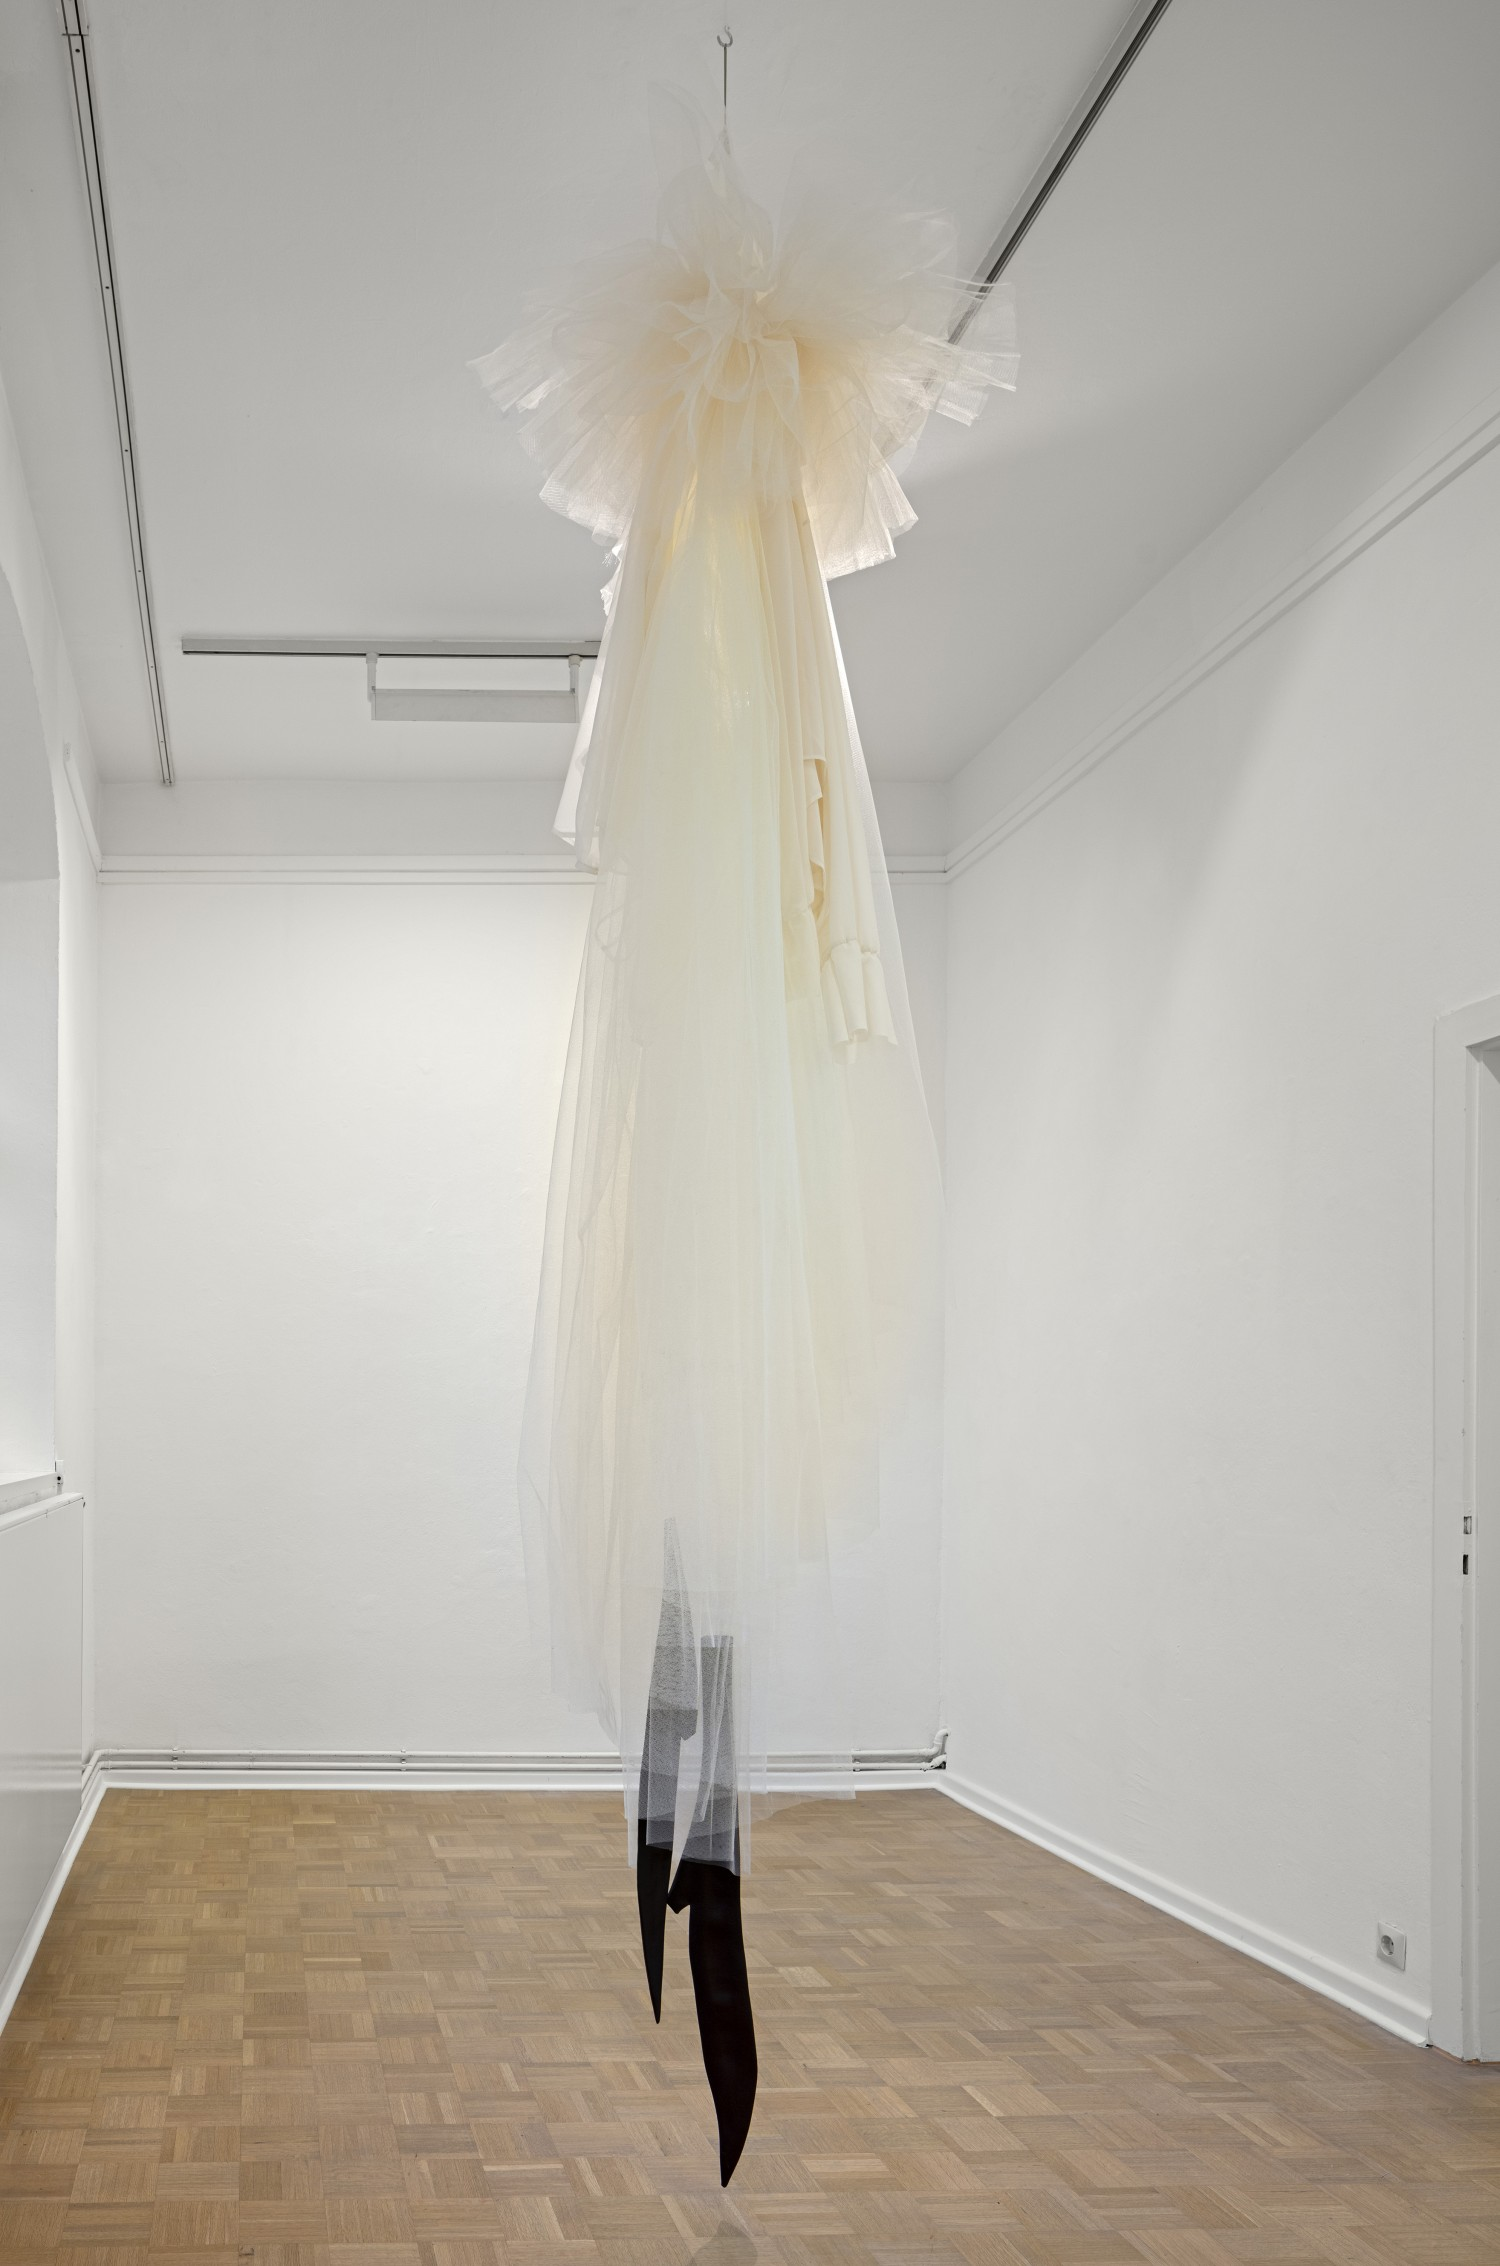 """Die Arbeit """"Loge"""" von Julie Béna besteht aus übergroßen, Raum einnehmenden Kleidungsstücken, die von der Decke herunterhängen und eine Irritation der Empfindung von Dimension und Raum auslösen."""